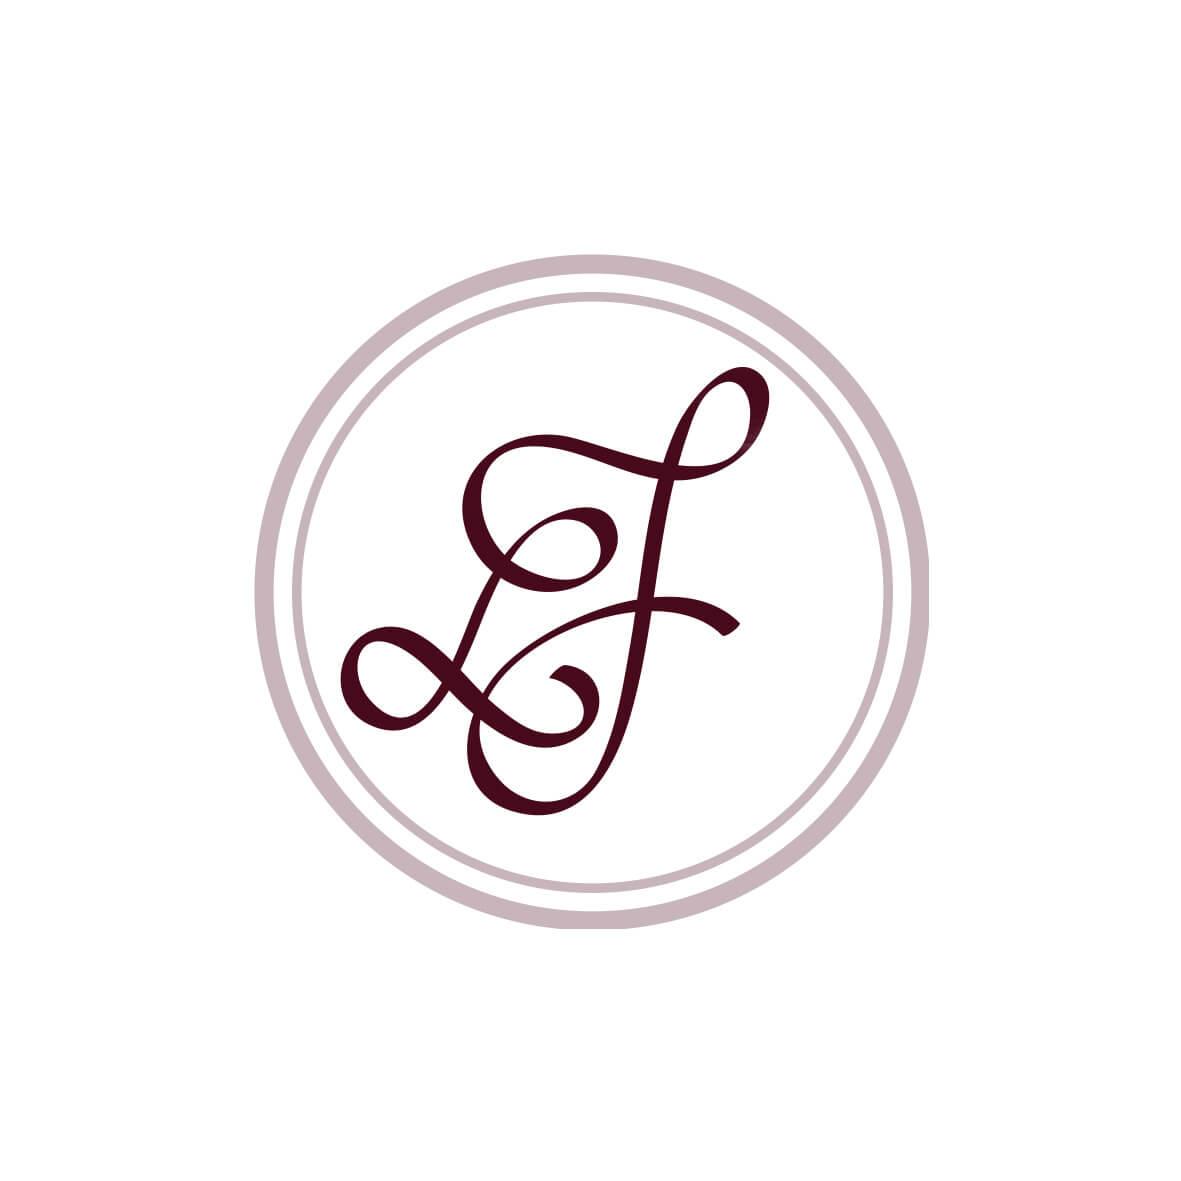 Hochzeitslogo: Logo das Wachssiegel eines Hochzeitspaares